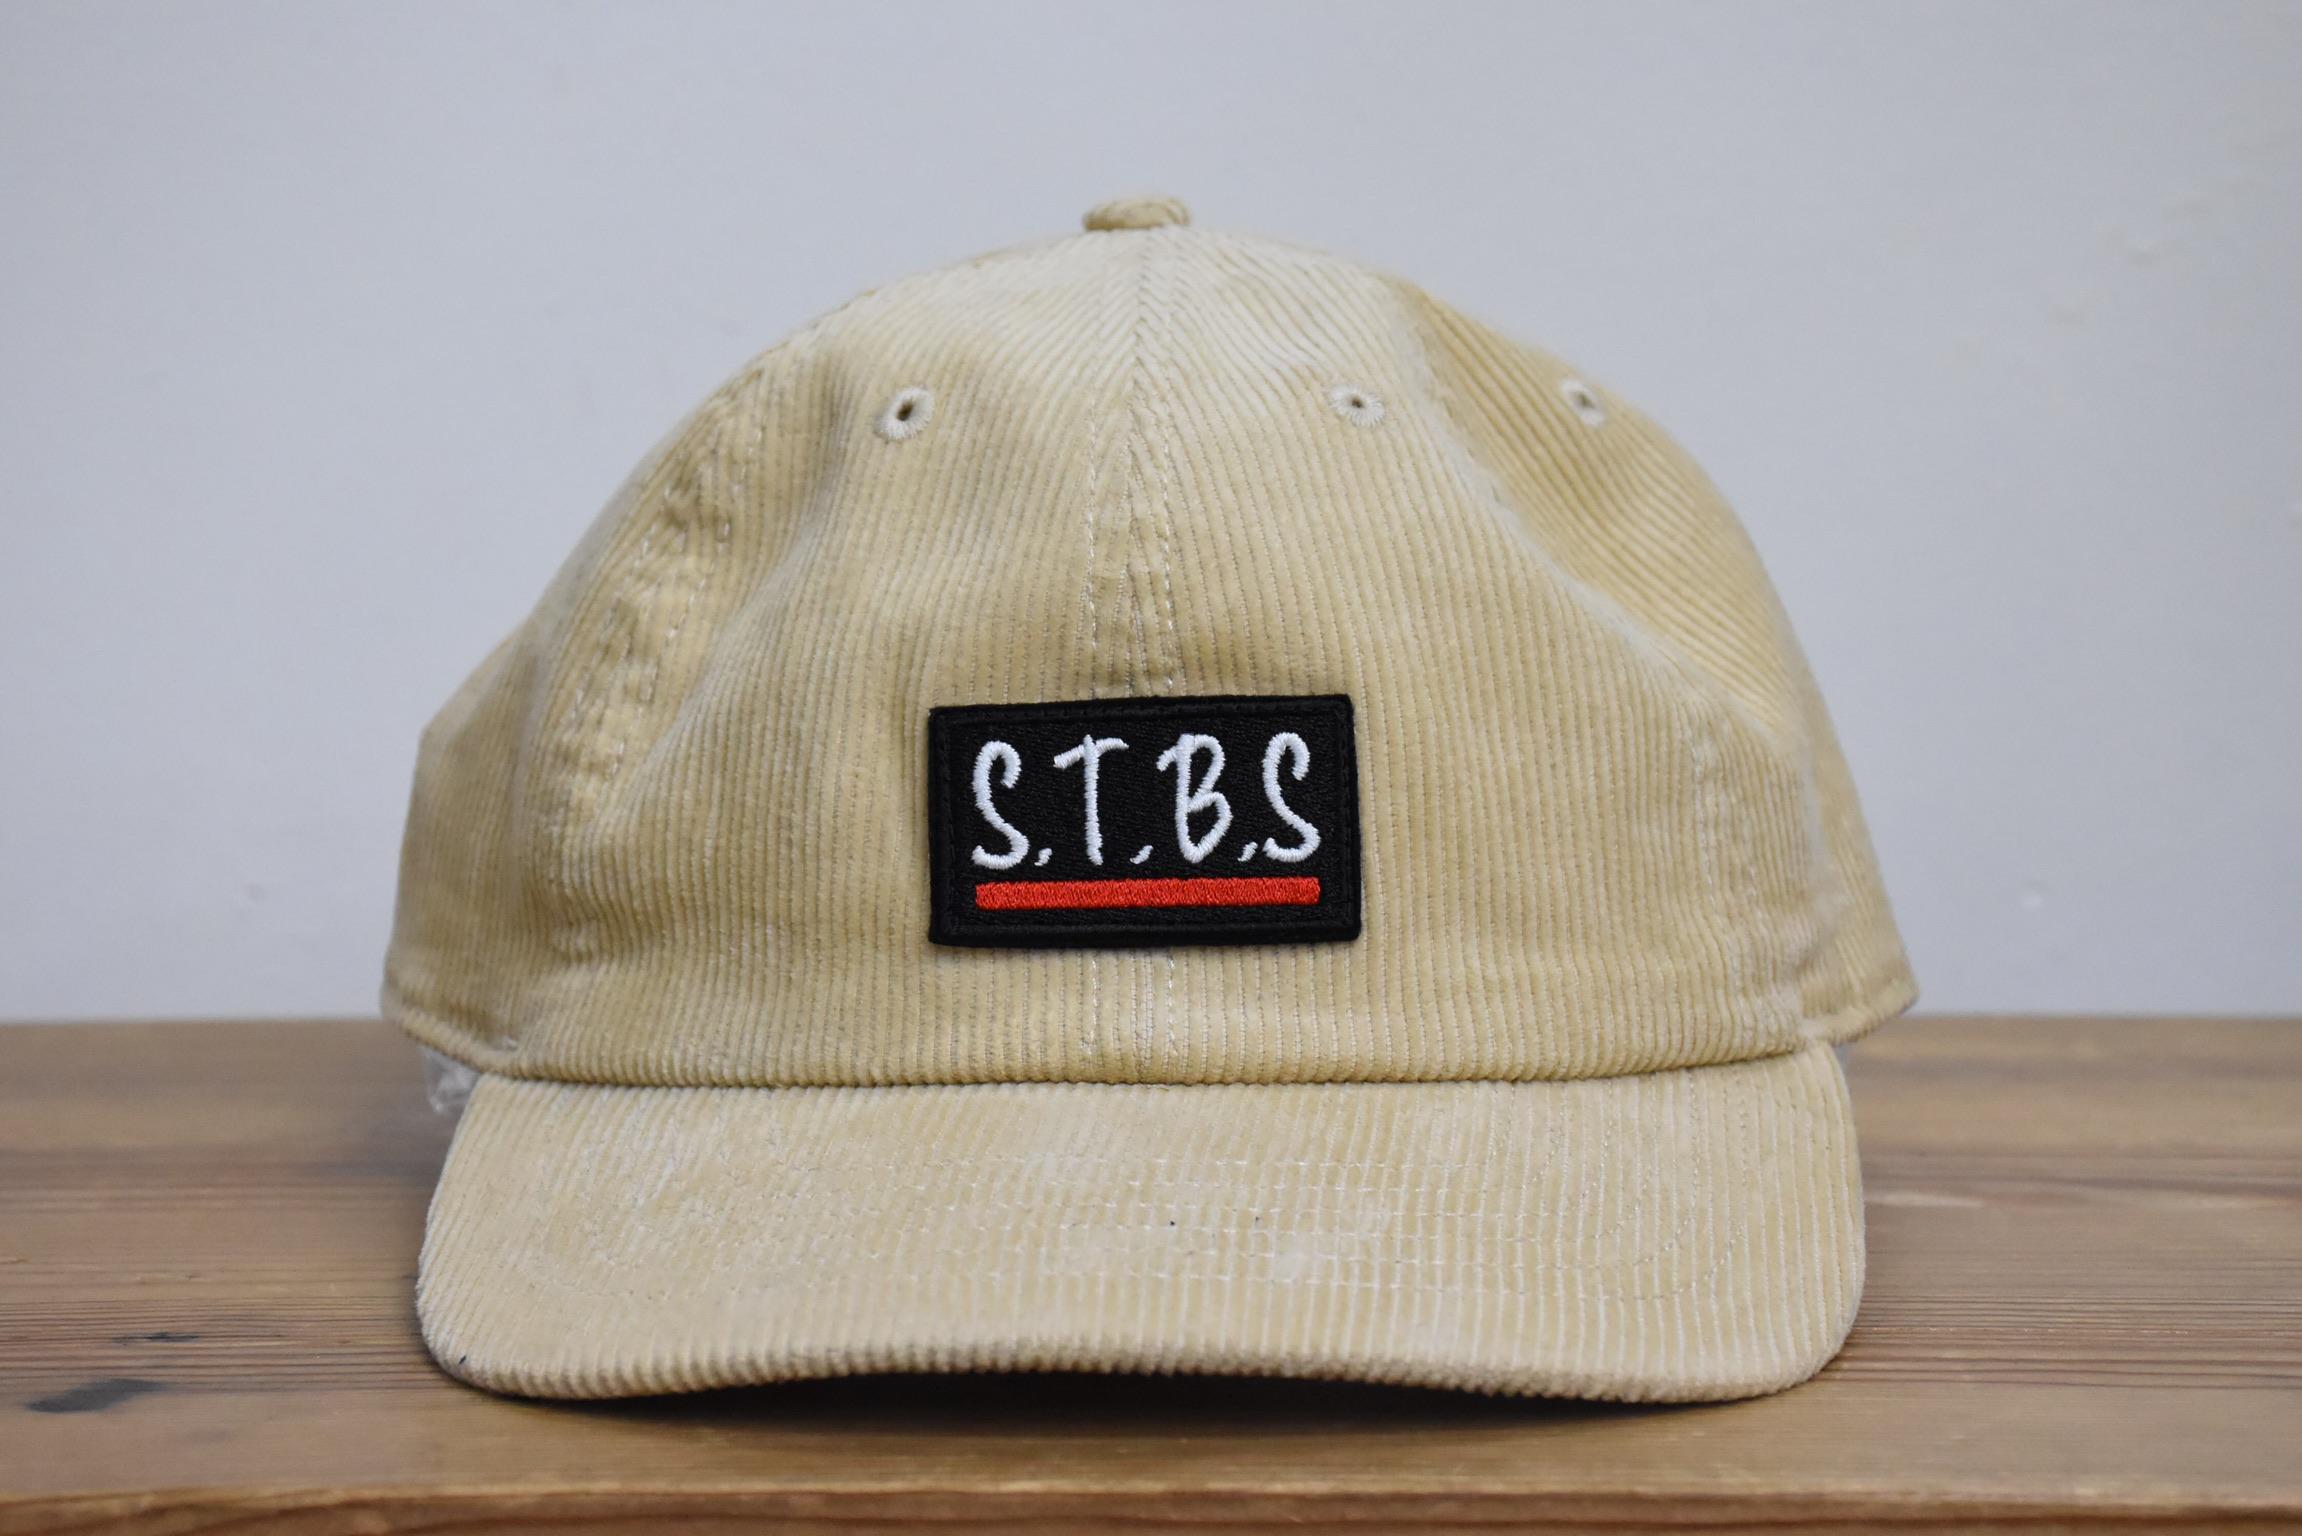 STARRBOS_CORDUROY_CAP_BEIGE